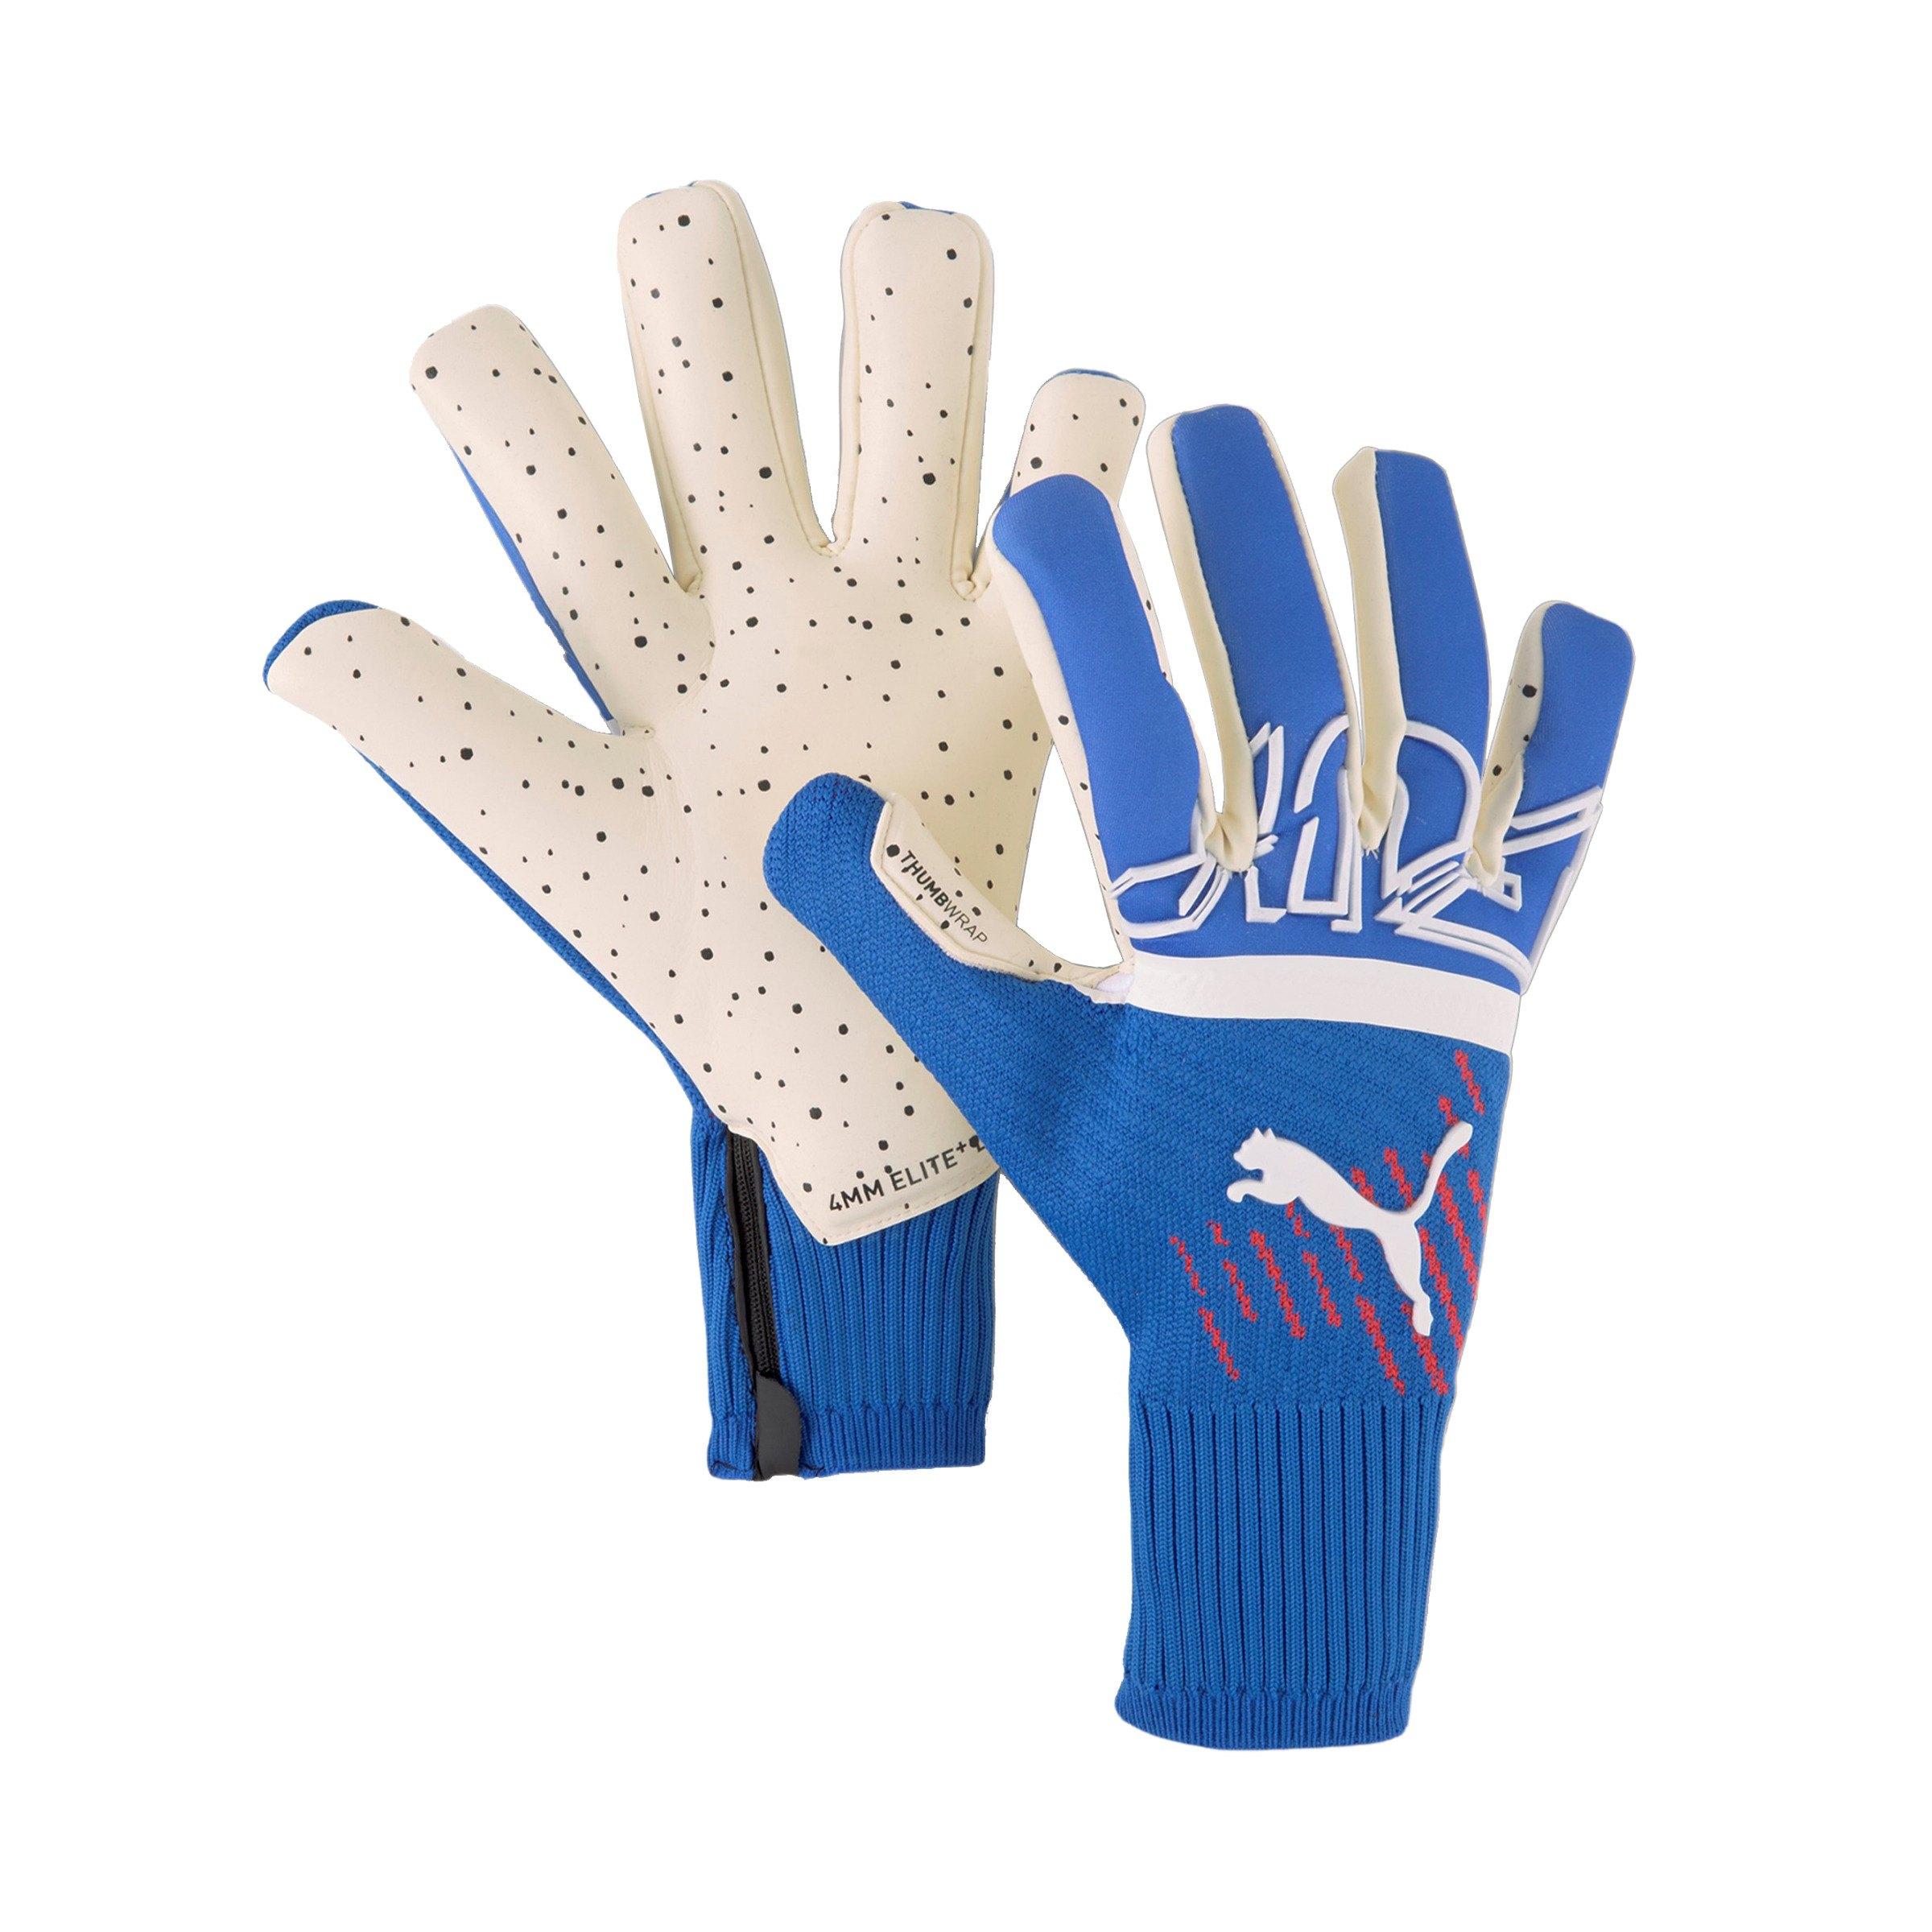 PUMA FUTURE Z Grip Hybrid TW-Handschuh Blau F04 - blau